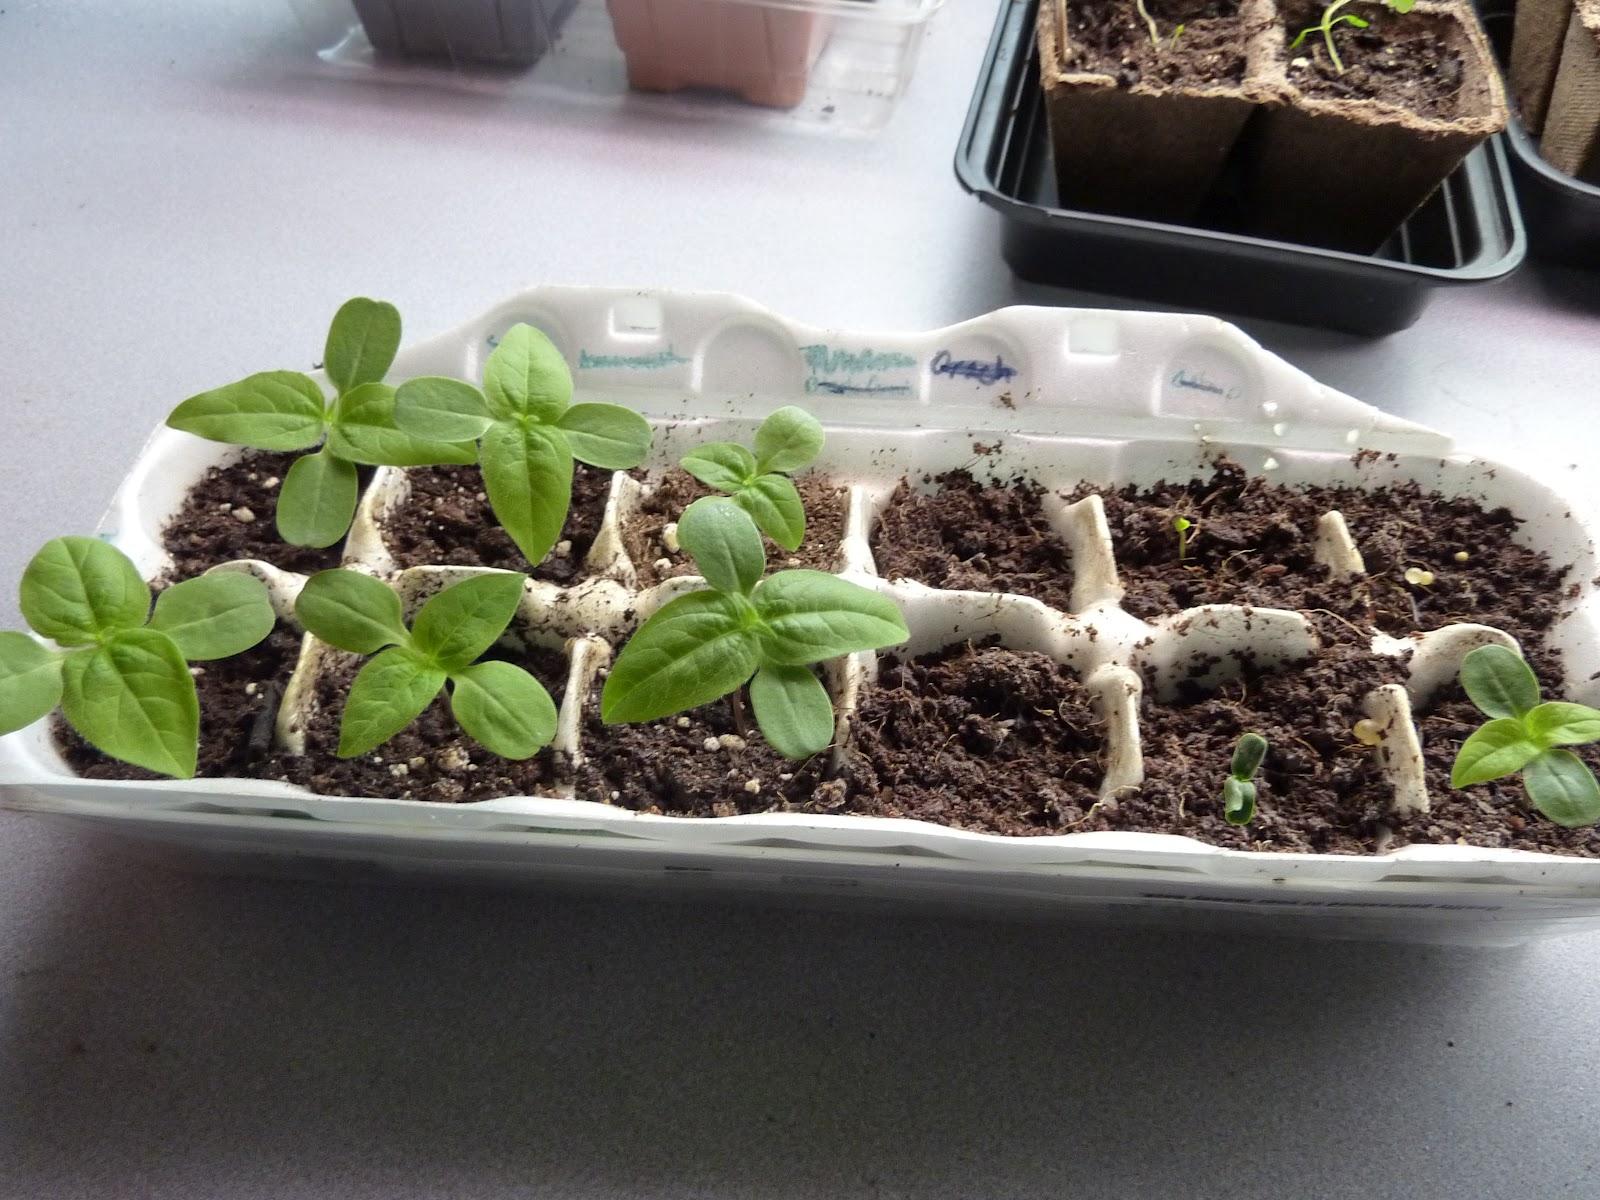 how to prepare soil for transplanting bean seedlings